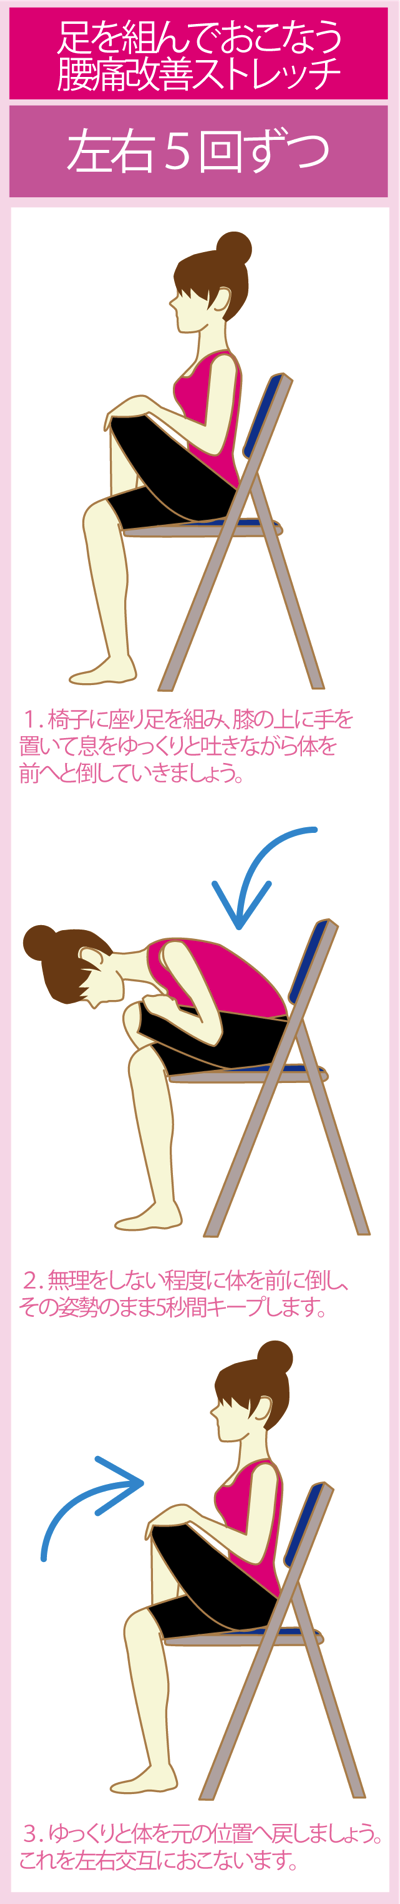 股関節の痛みを改善するストレッチ